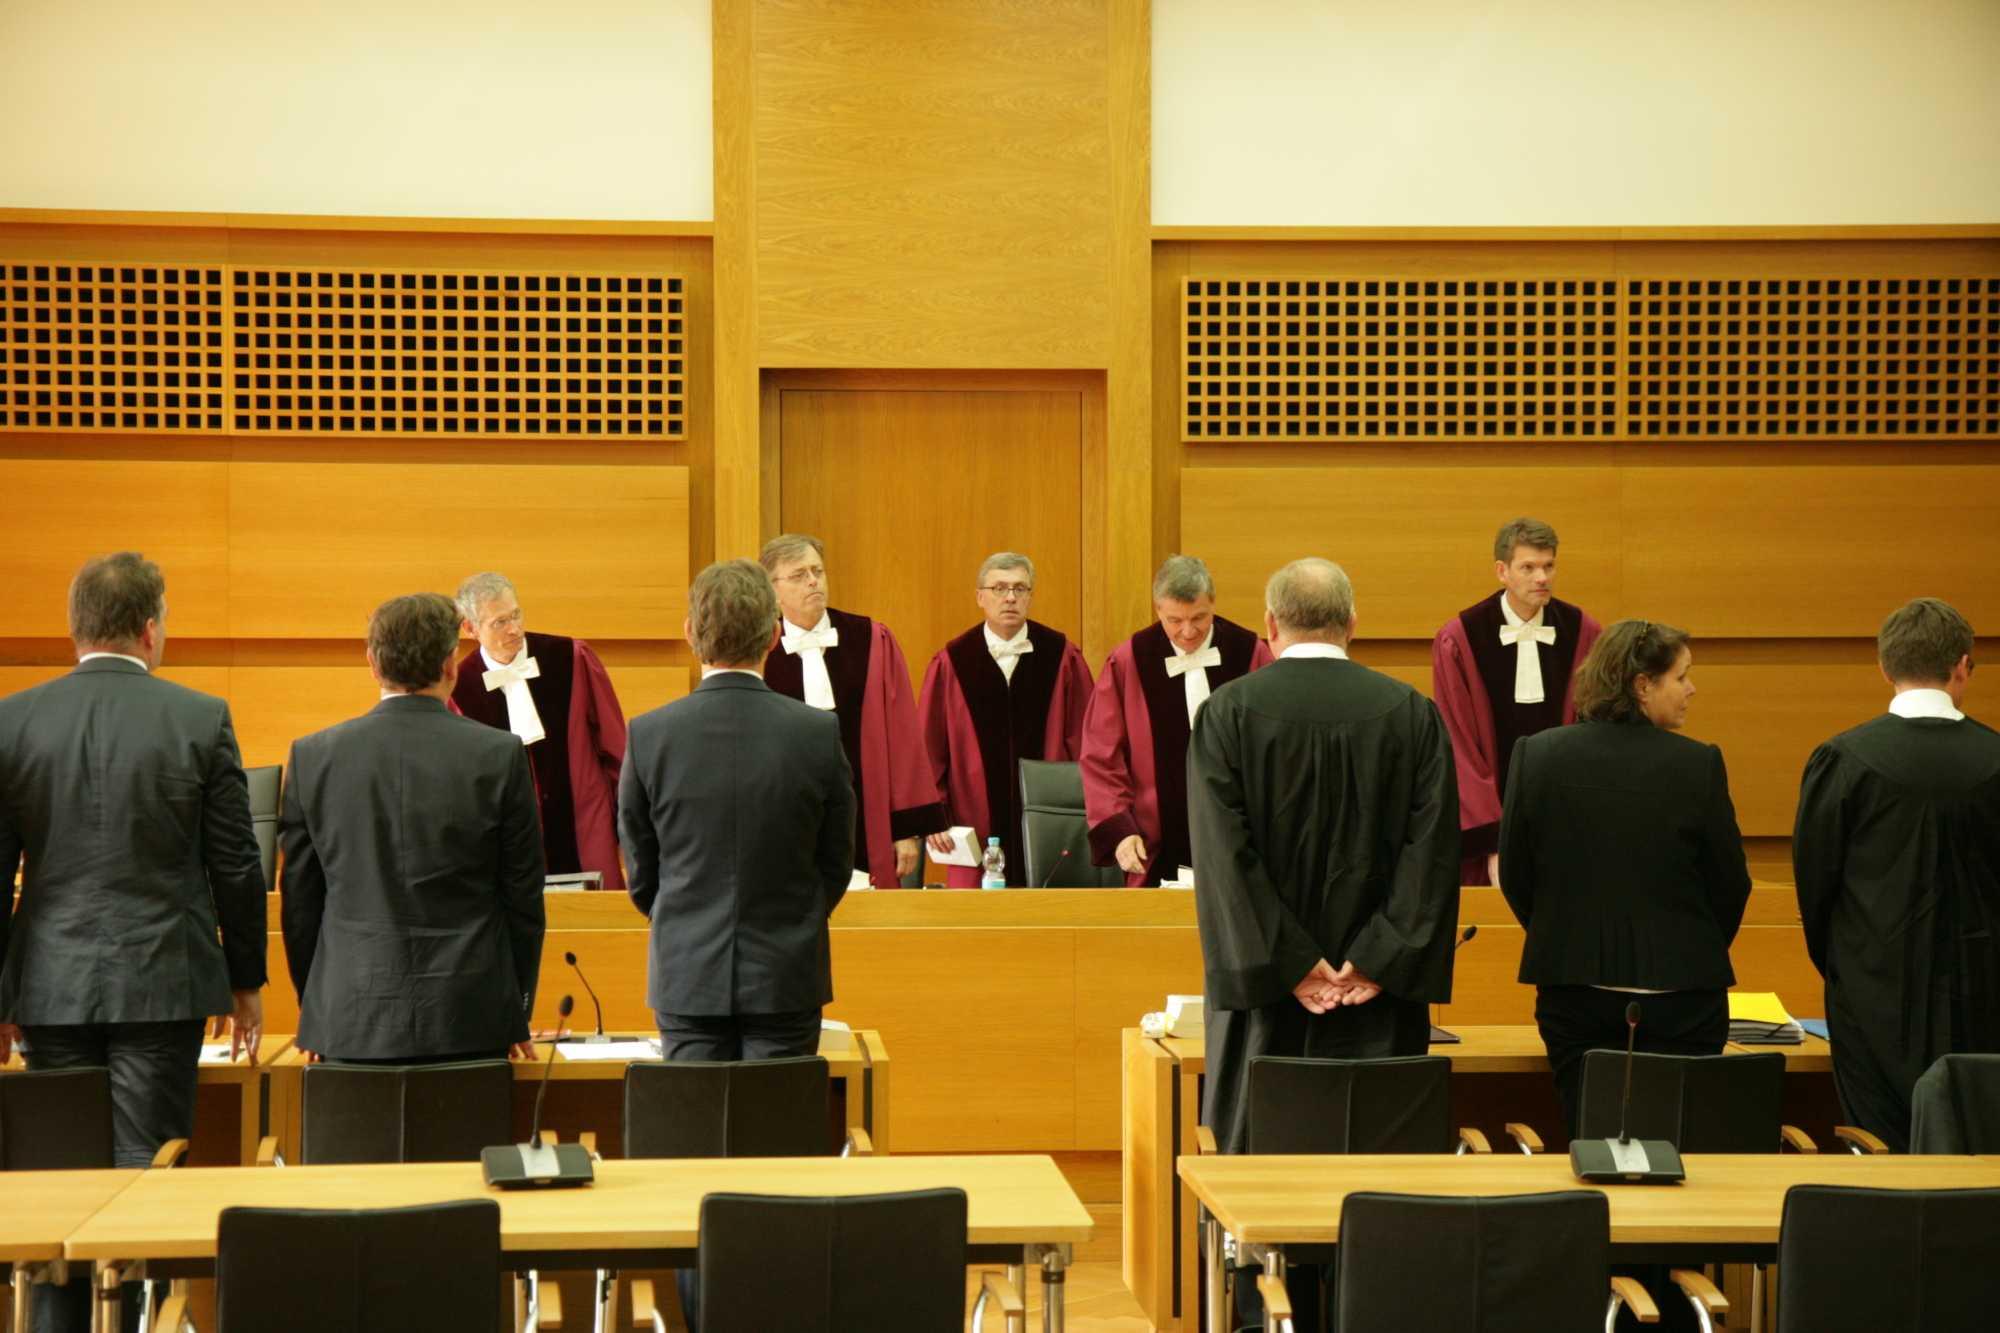 Der 6. Senat des Bundesverwatungsgerichts in Leipzig hat über die strateische fernmeldeüberwachung durch den Bundesnachrichtendienst in erster und letzter Instanz entschieden.